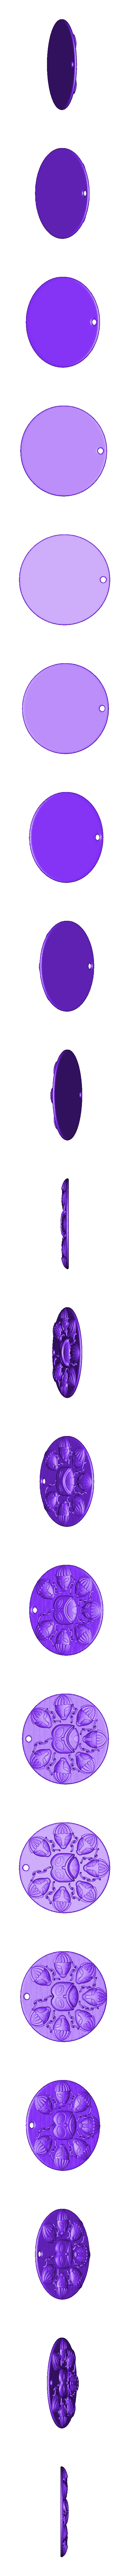 OGMA_MEDALLION.stl Download free STL file Ogma Medallion • 3D printing object, omni-moulage